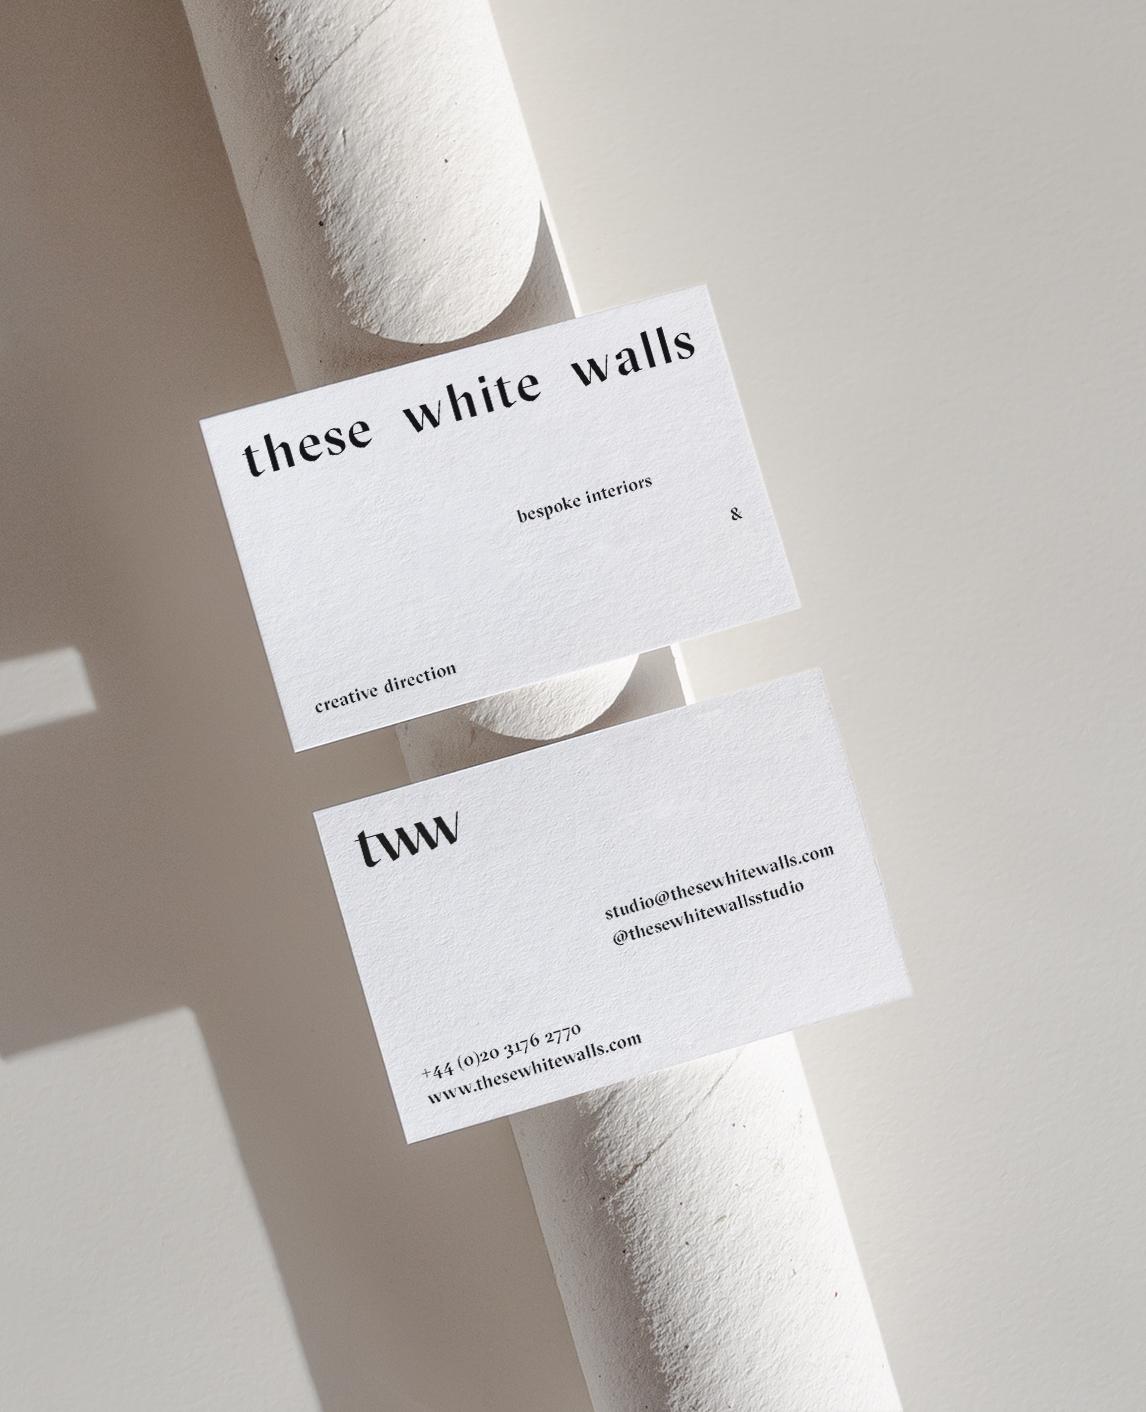 A-YA_galia_rybitskaya_these_white_walls.jpg